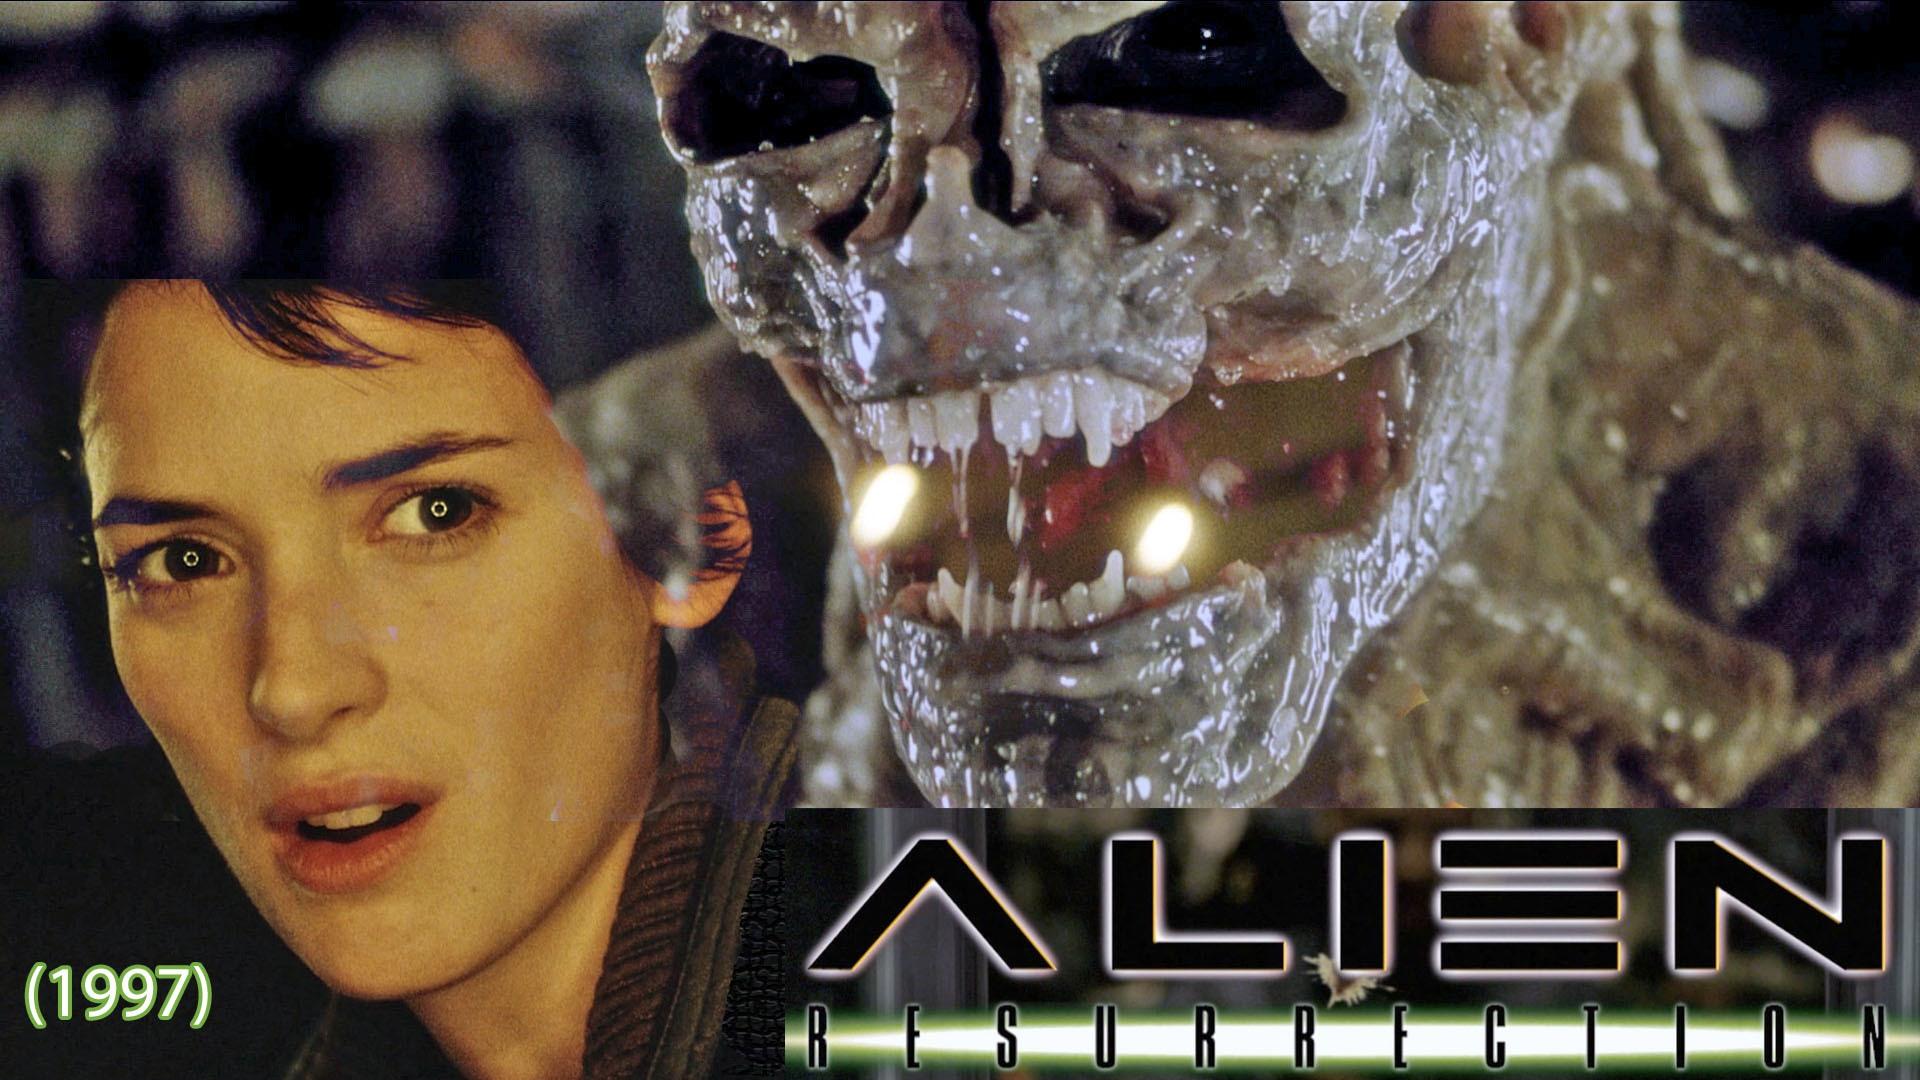 Alien Resurrection 1997 desktop wallpaper 1920x1080